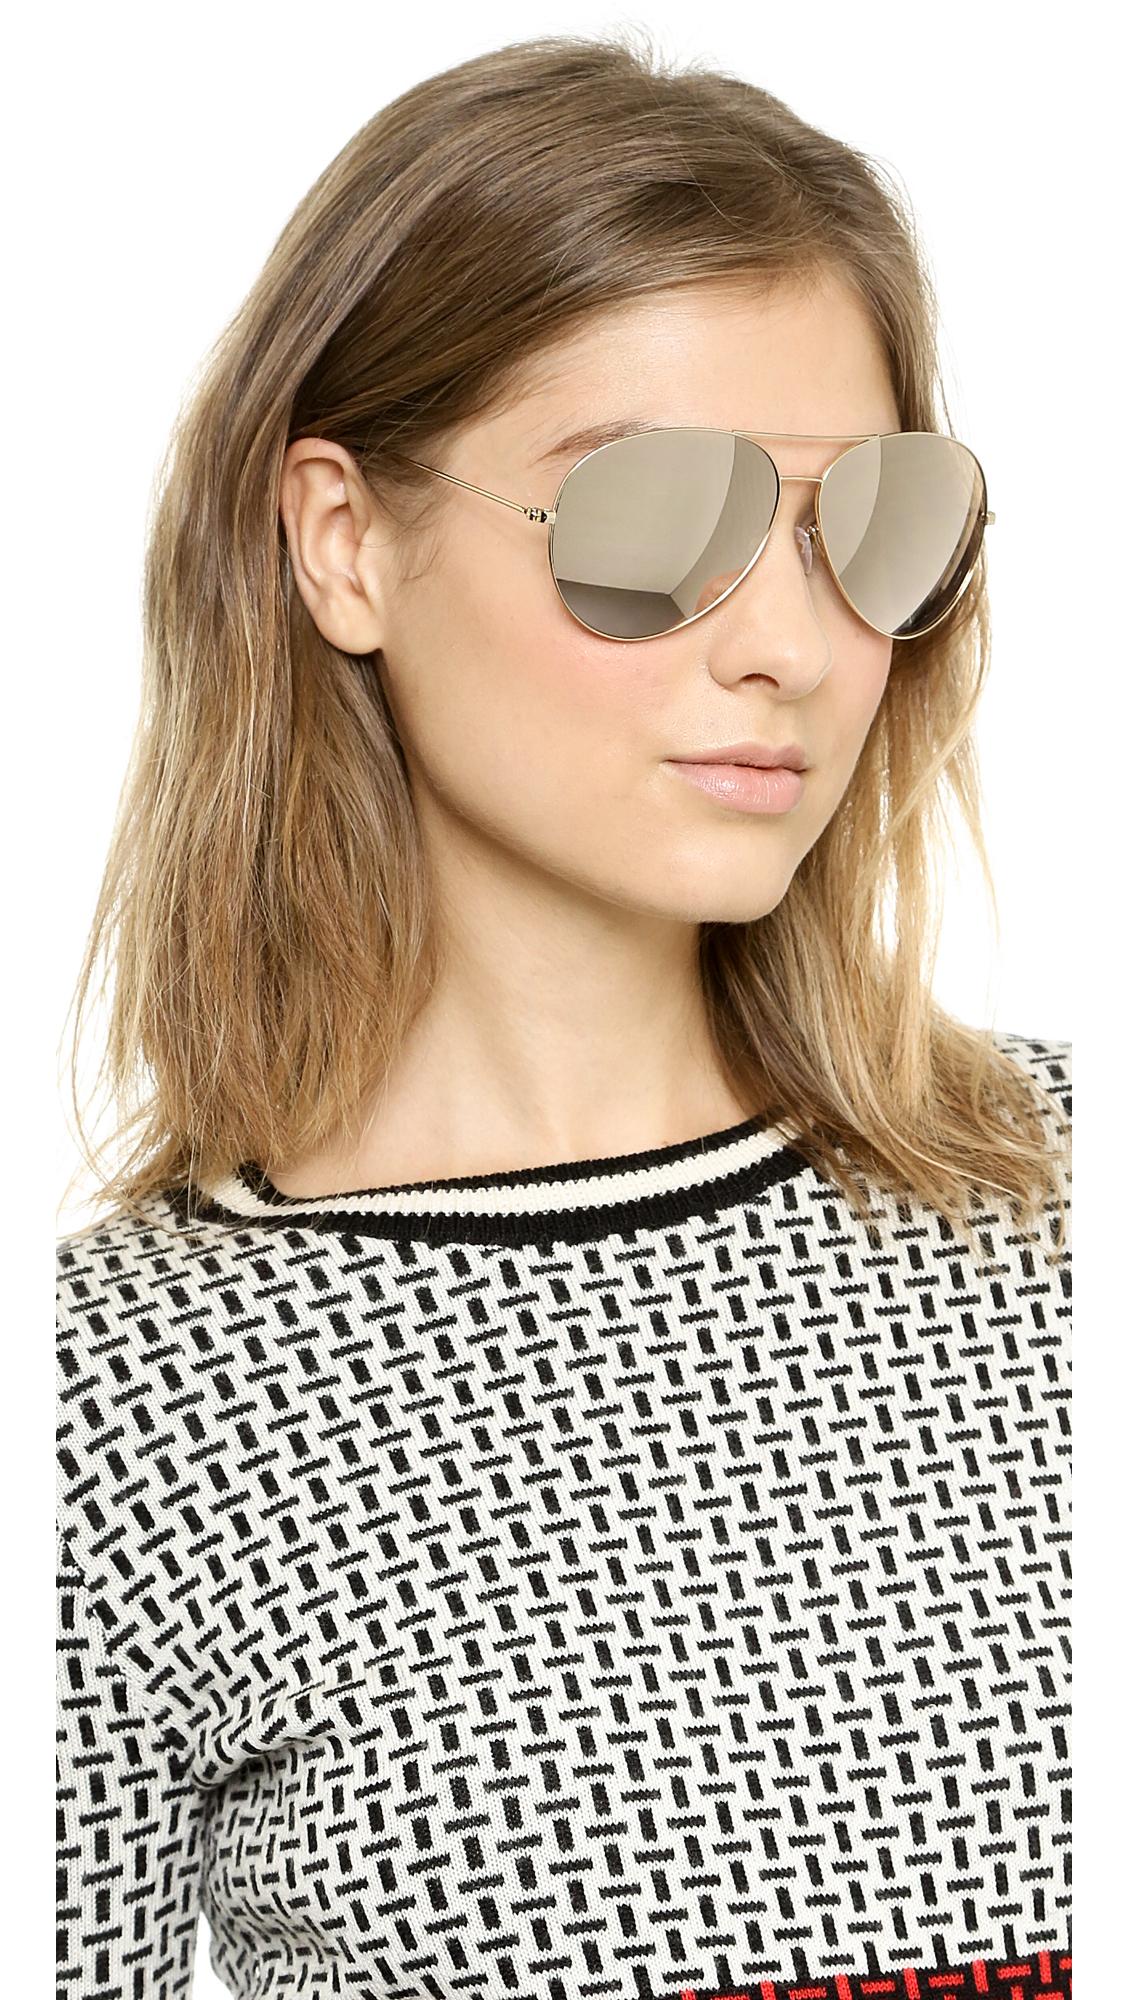 44d6d623a6 Victoria Beckham 18k Gold Mirror Aviator Sunglasses